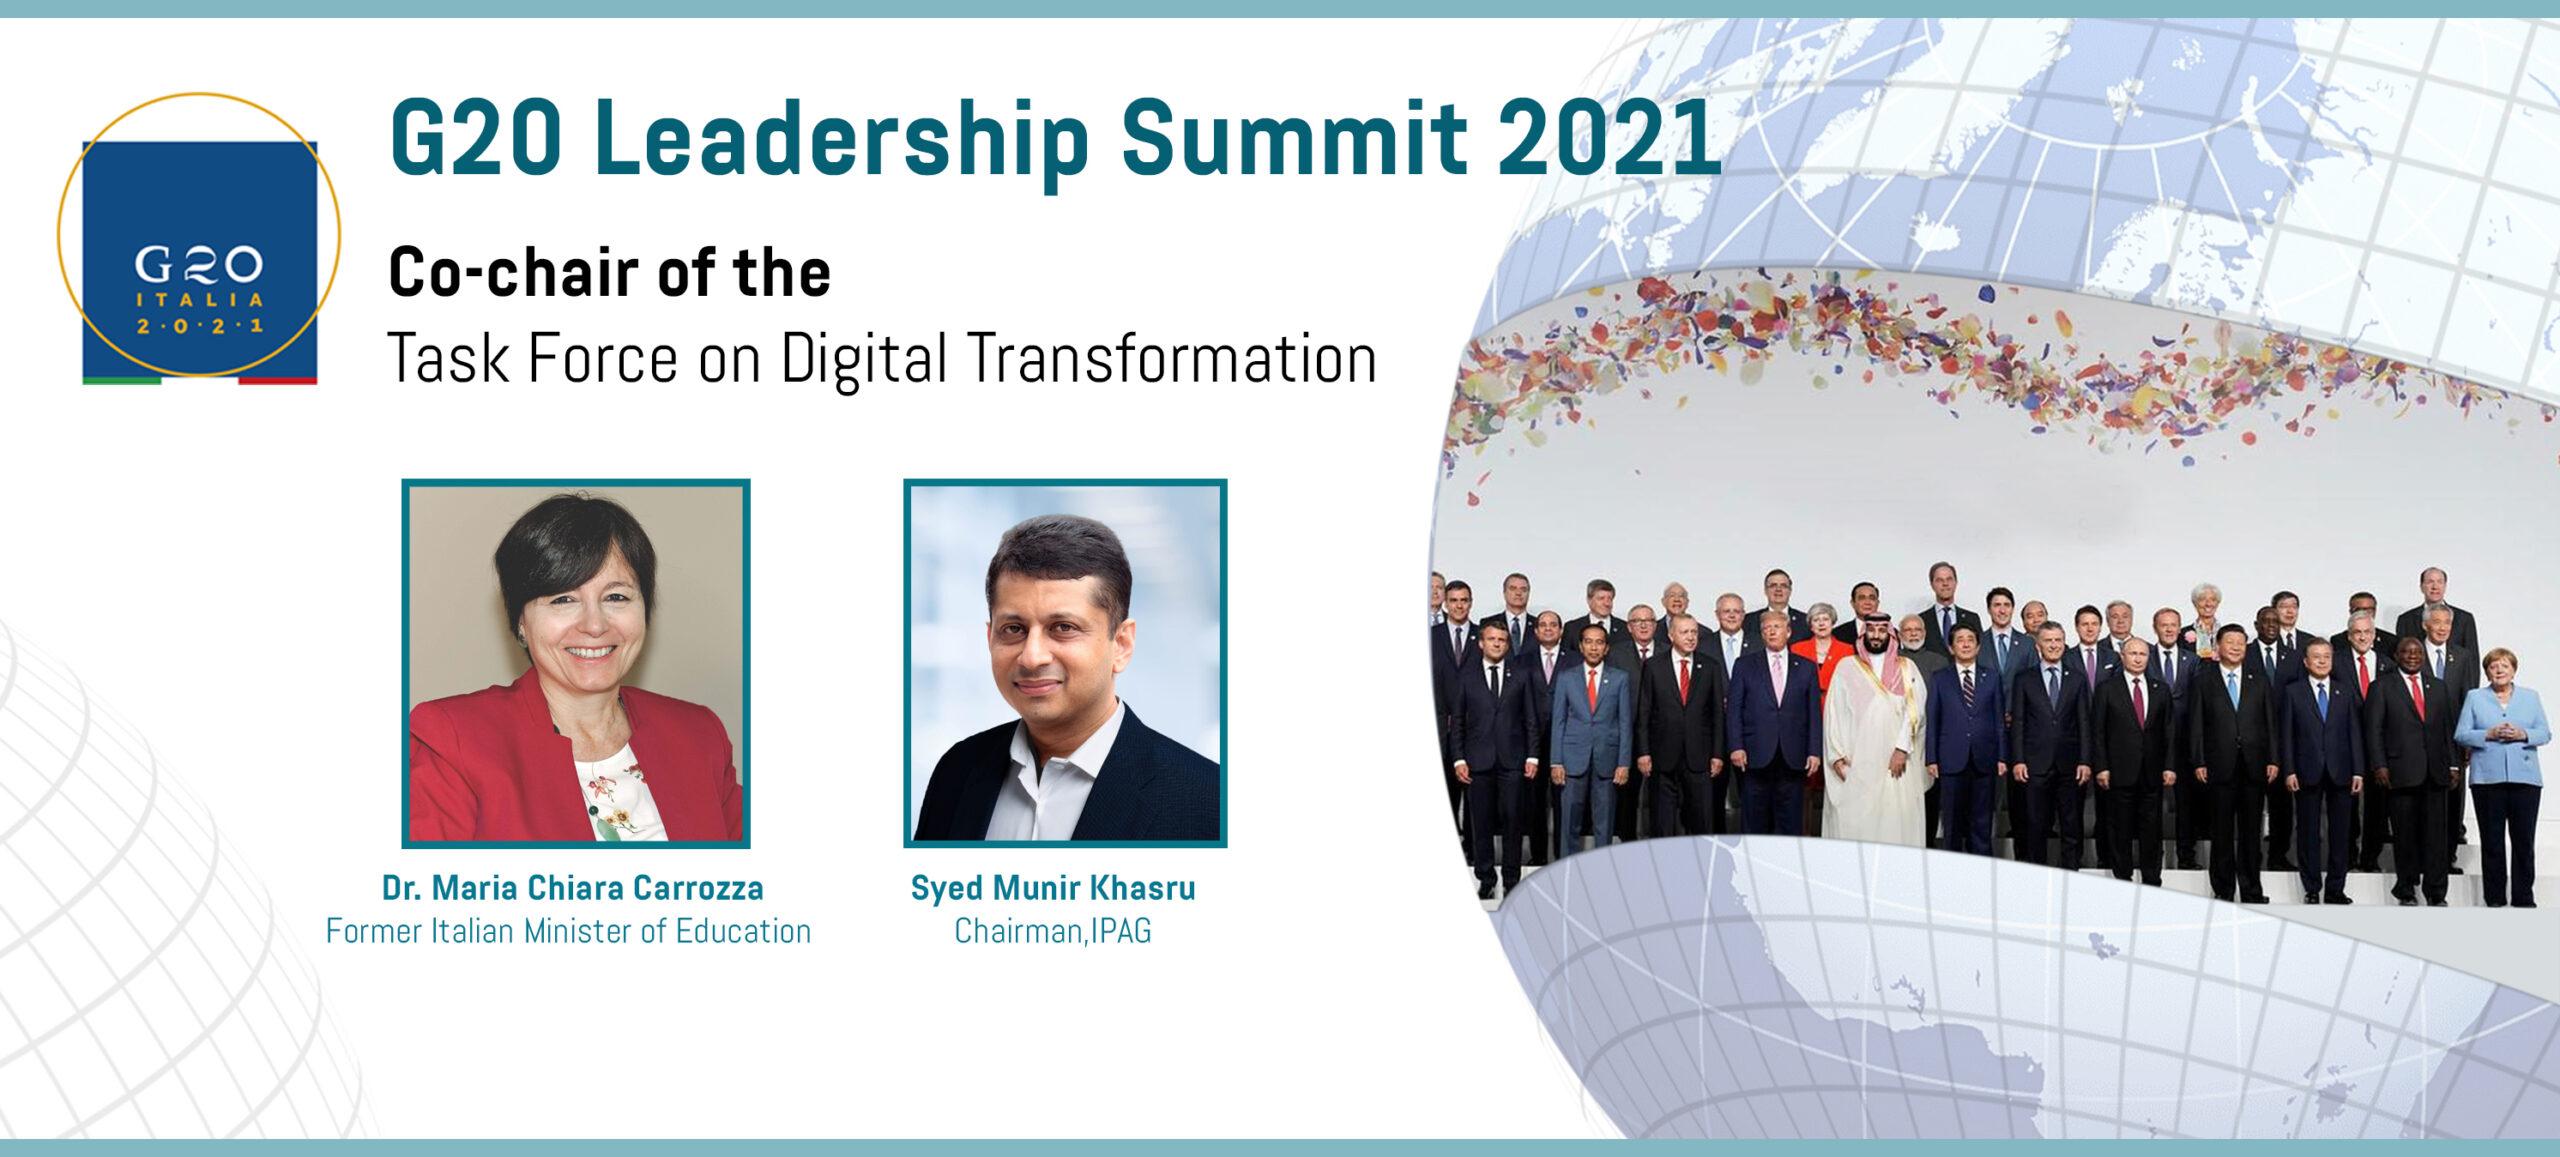 G20 Leadership Summit 2021